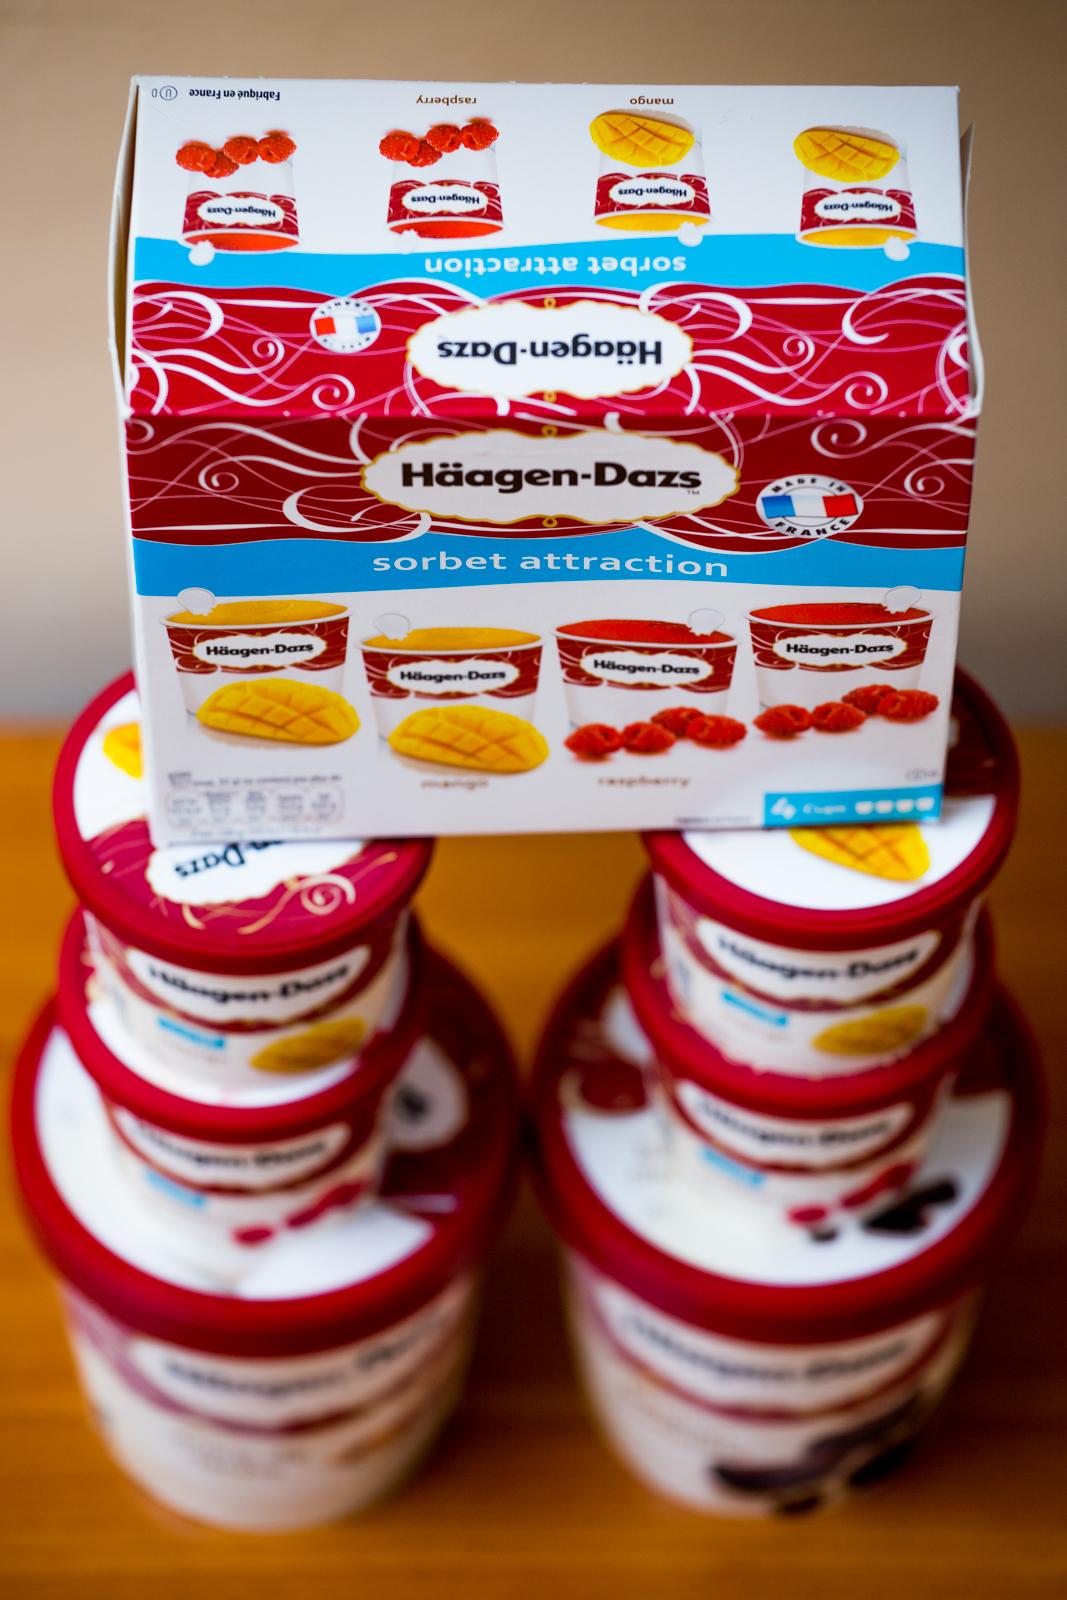 Înghețată Häagen-Dazs este desertul meu preferat de Sărbatori